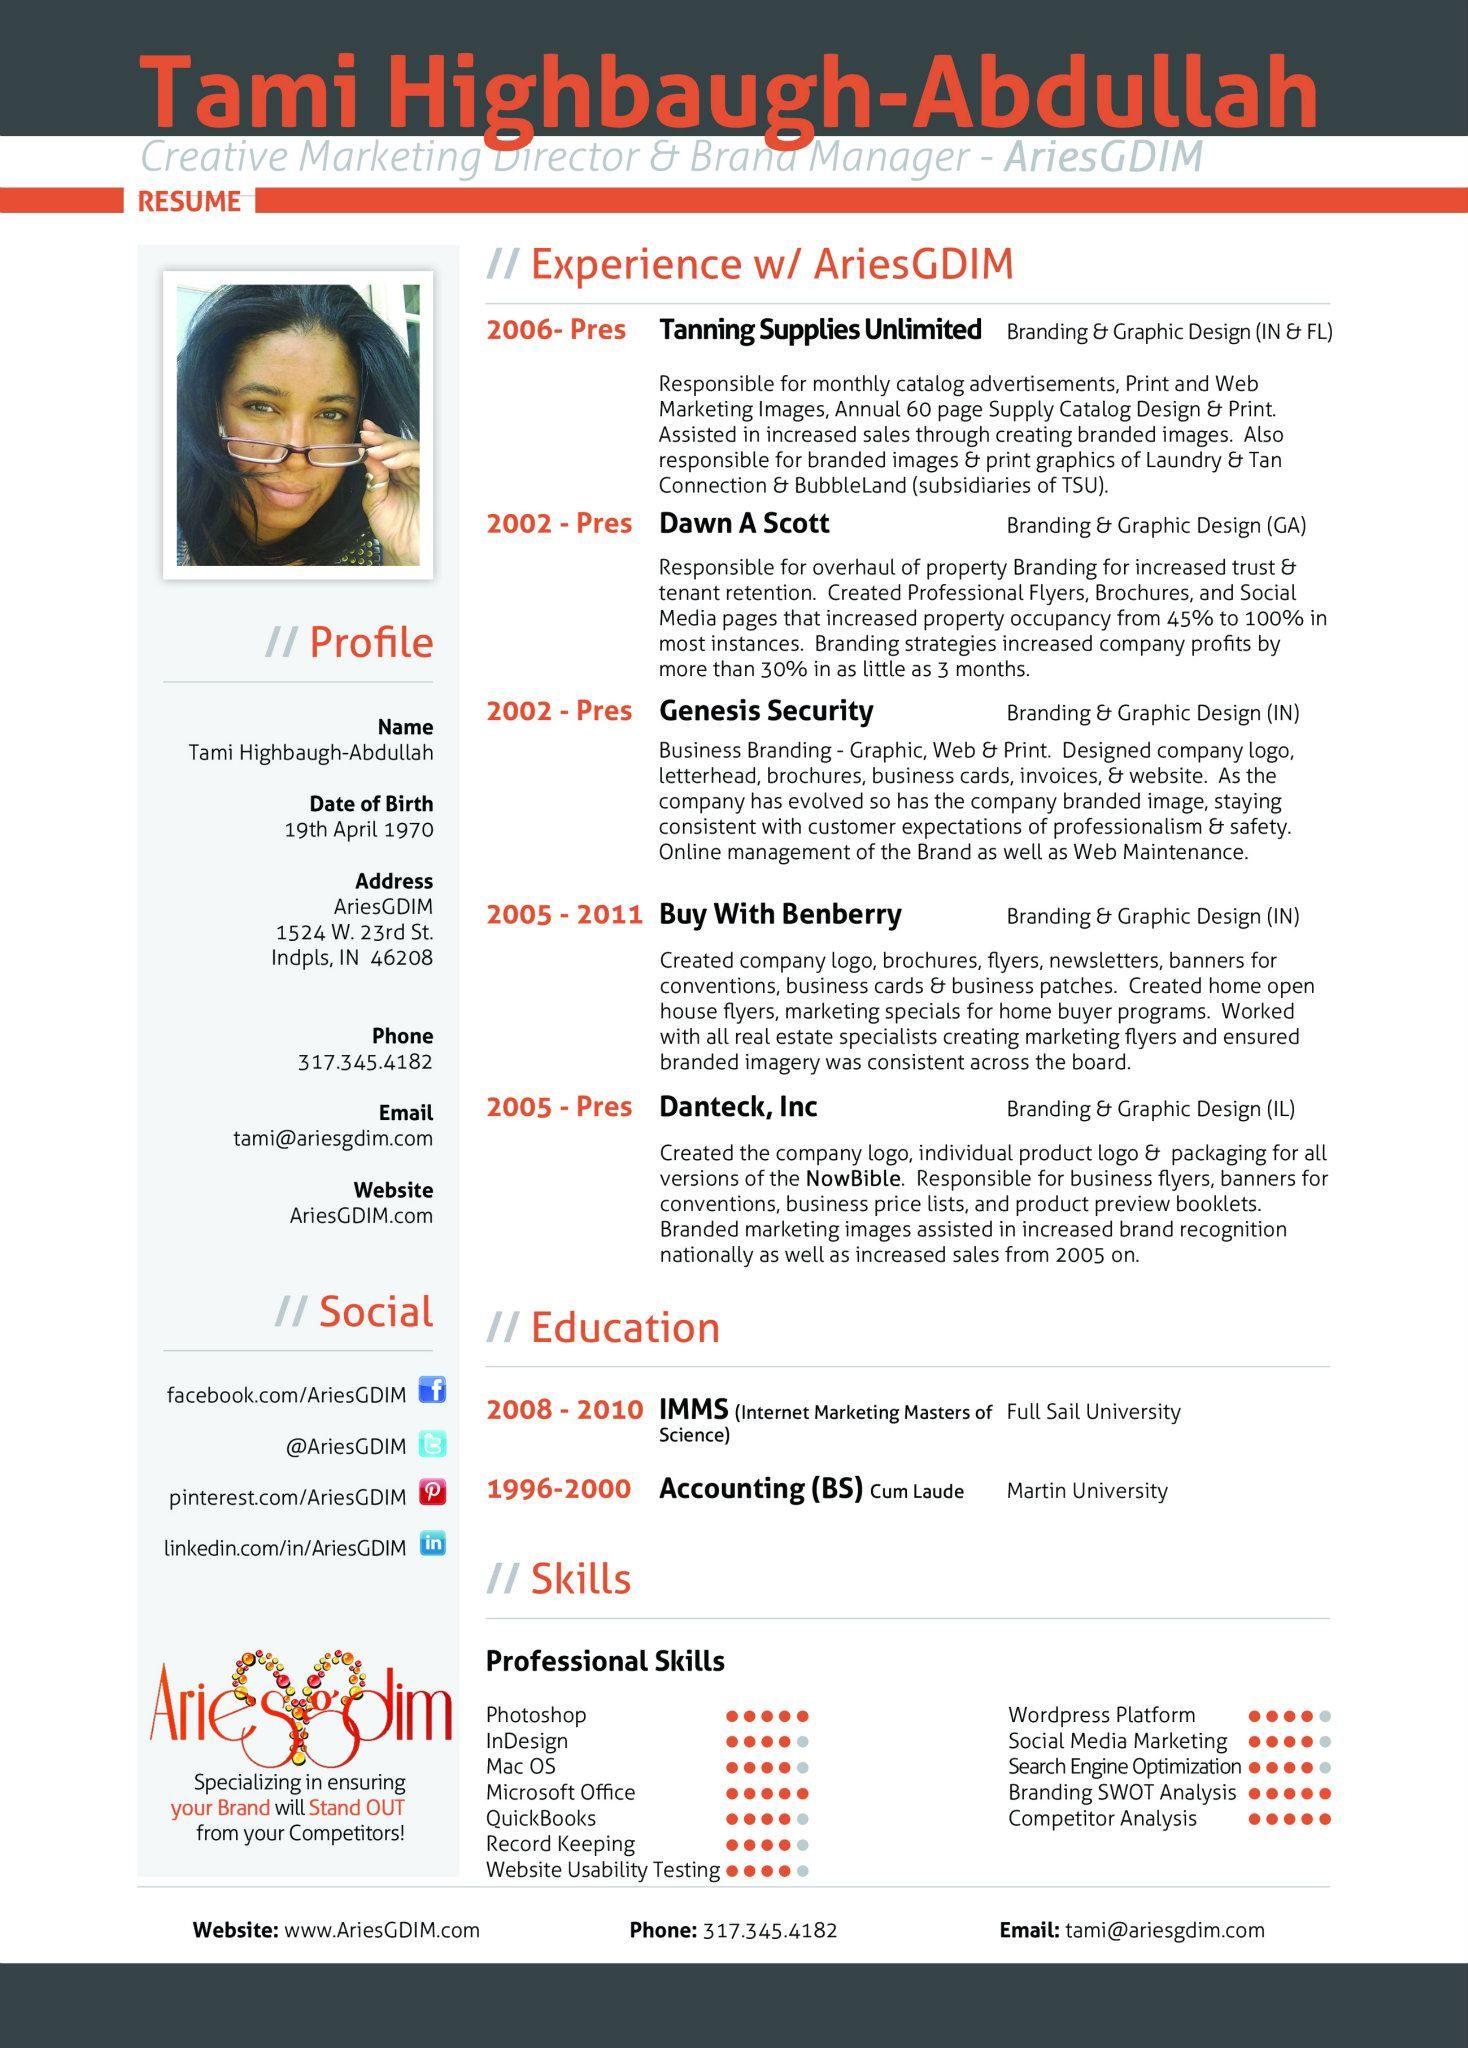 AriesGDIM Resume - Custom Resume Design | Resume Curriculum CV ...